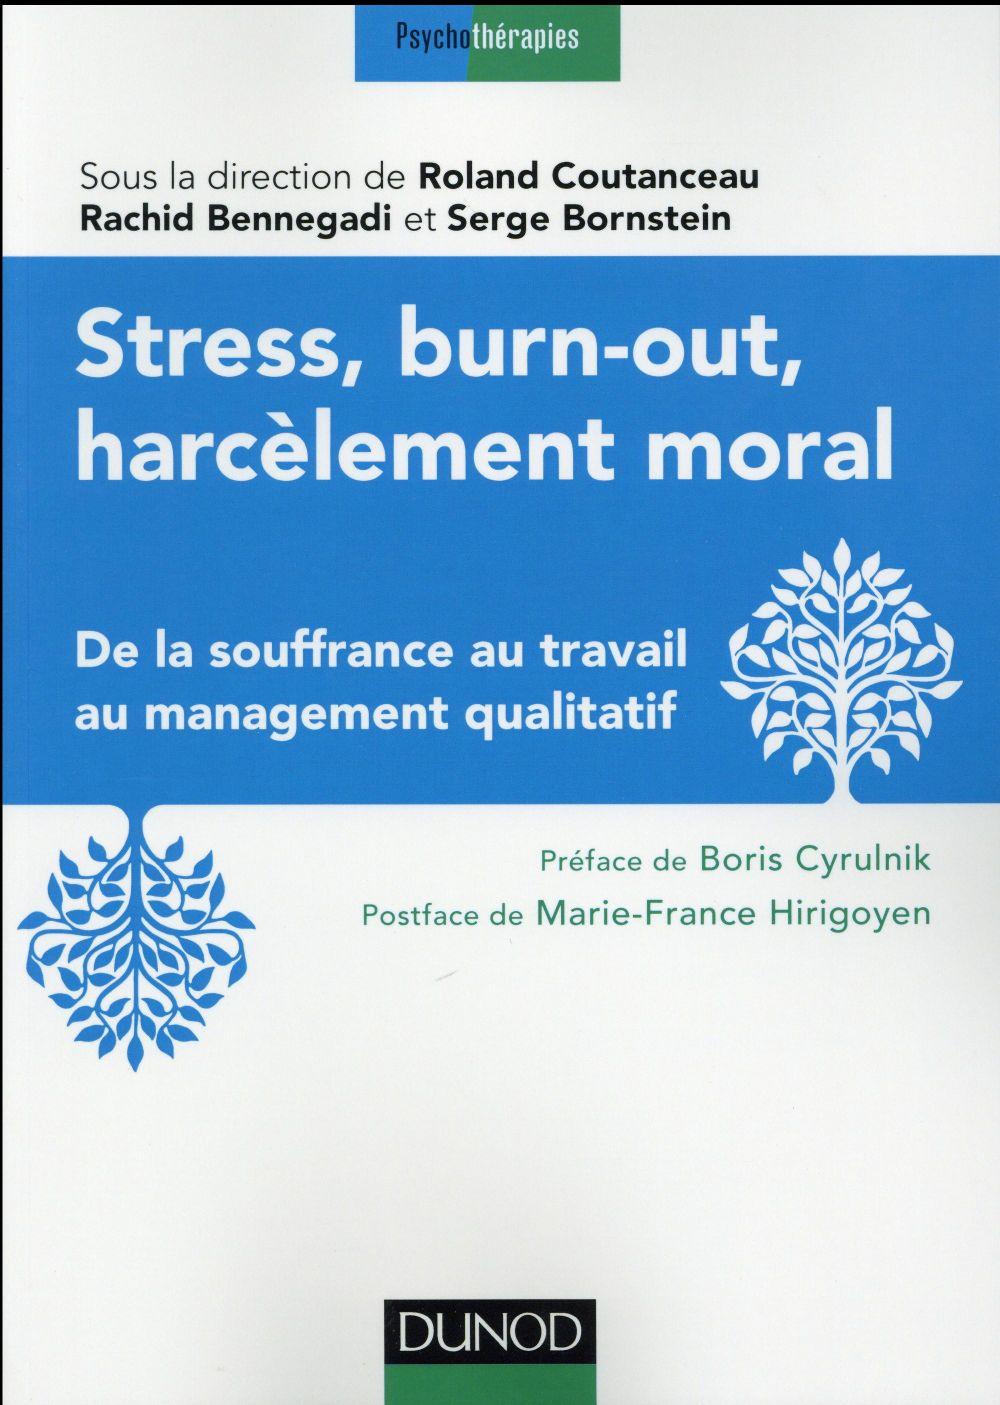 STRESS, BURN-OUT, HARCELEMENT MORAL - DE LA SOUFFRANCE AU TRAVAIL AU MANAGEMENT QUALITATIF